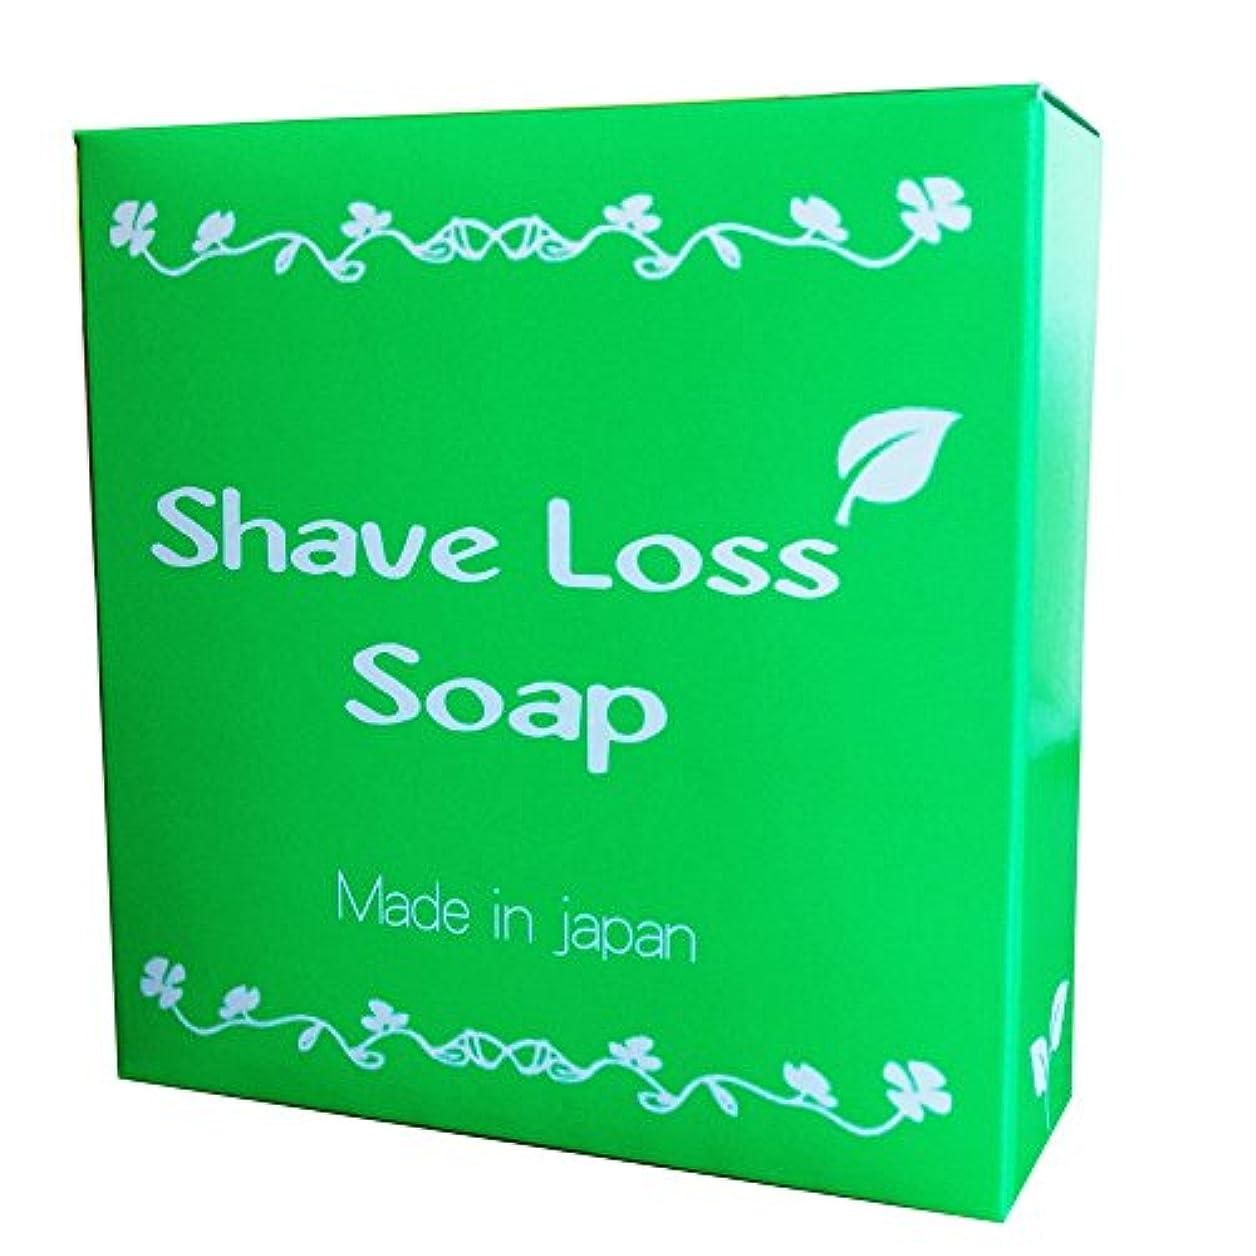 お風呂を持っているストラップチラチラするShave Loss Soap 女性のツルツルを叶える 奇跡の石鹸 80g (1個)